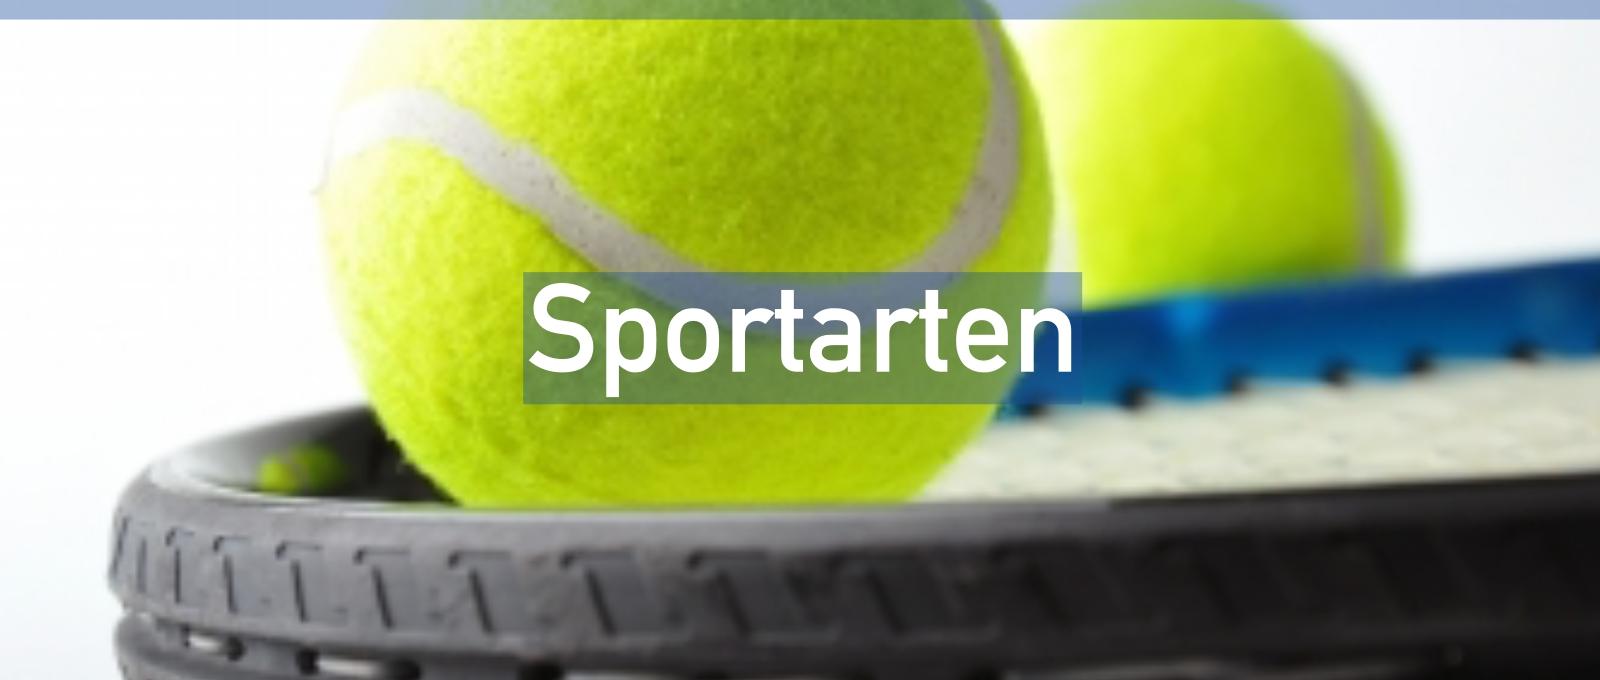 Sportarten.1